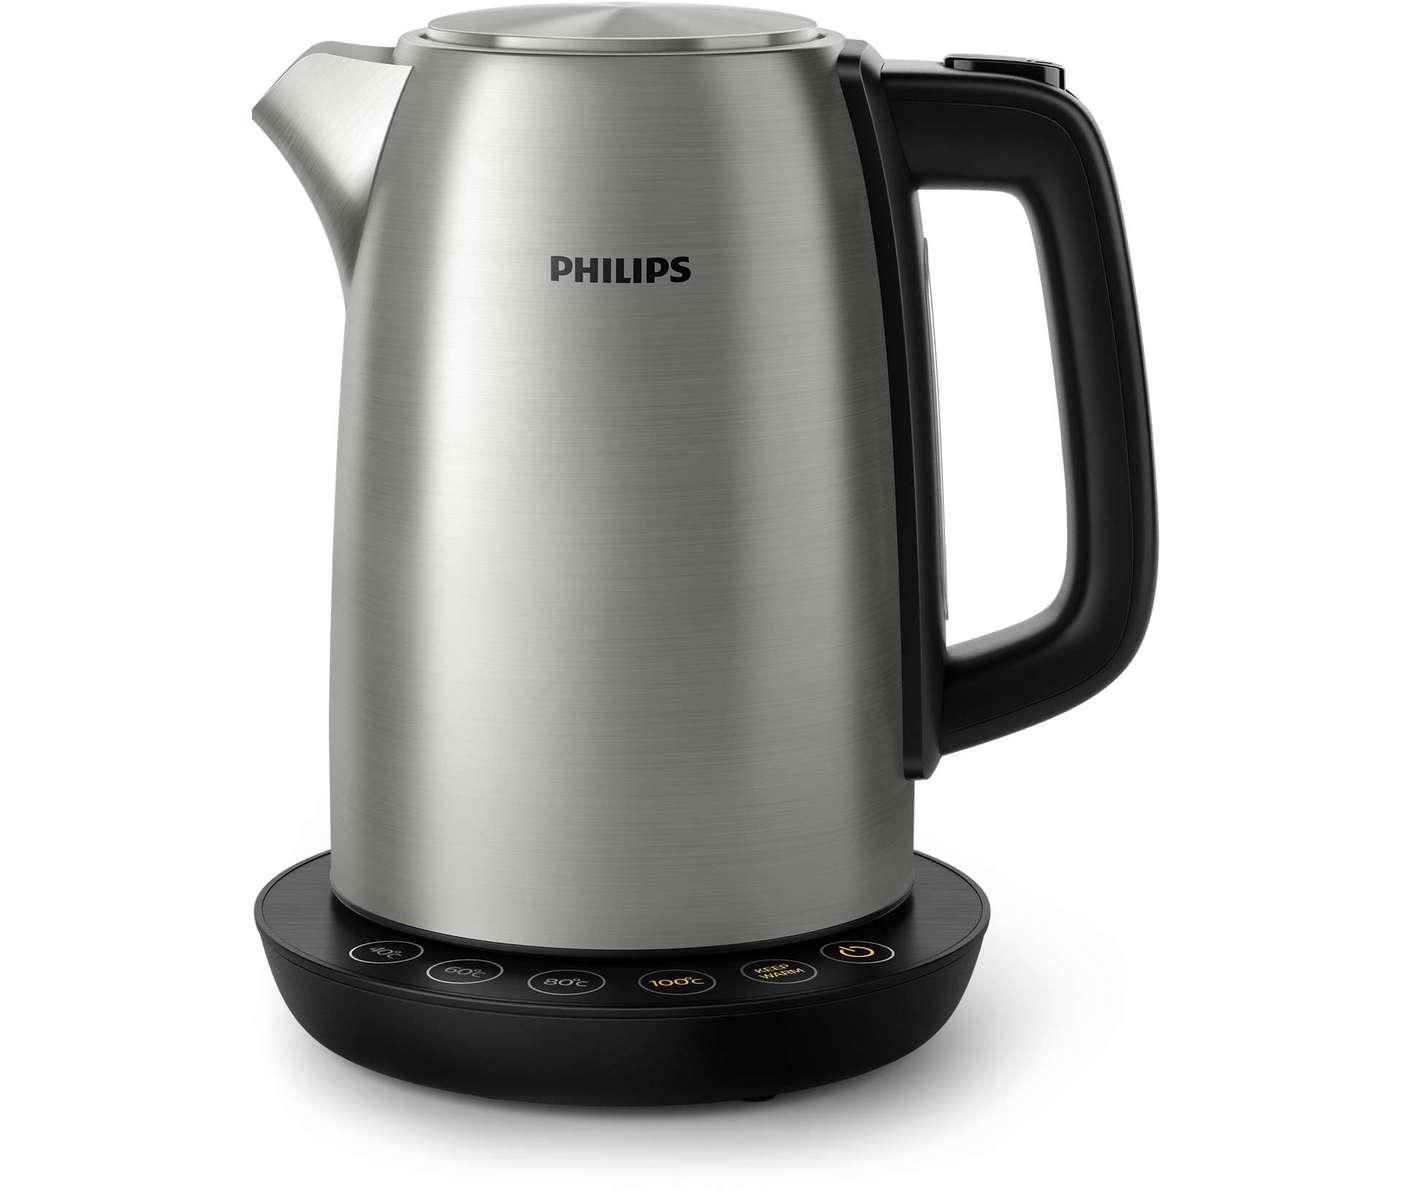 Philips HD9359/90 elkedel, 1,7 liter